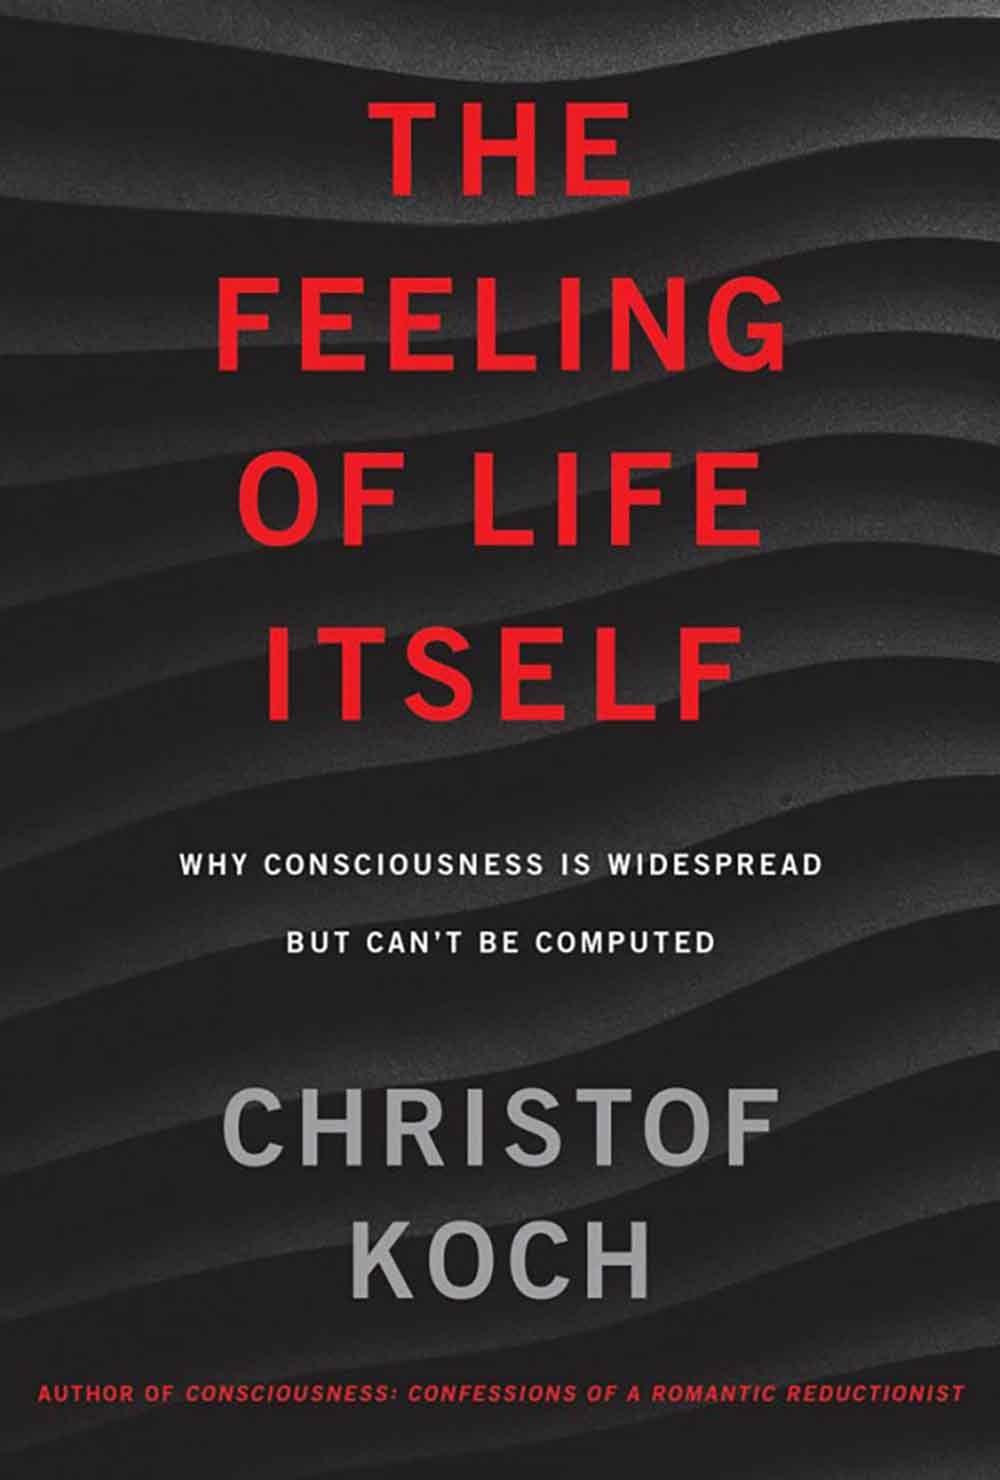 'The Feeling of Life Itself'